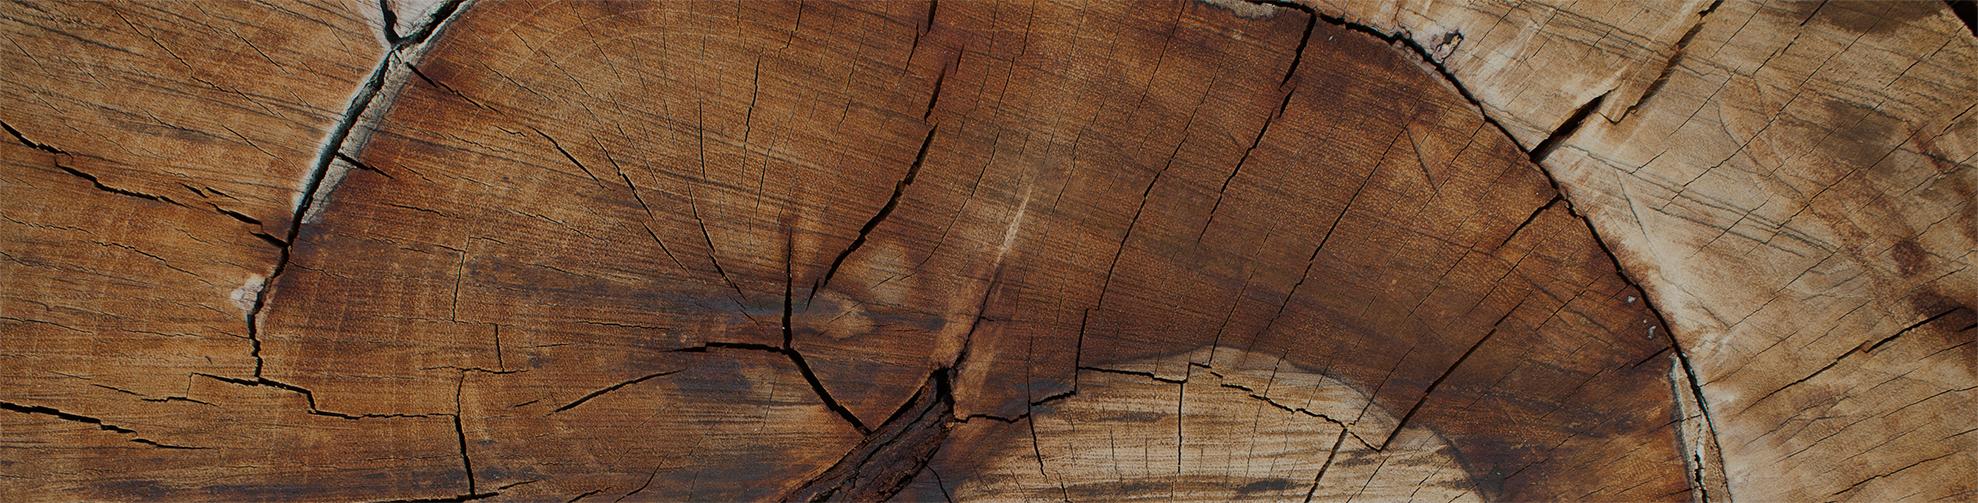 """""""Ett träd växer i 120 år innan det sågas till plank och bräder; då är det viktigt att inte virkestorkningen — den sista och svåraste fasen — äventyrar det ekonomiska utfallet.""""    —Johnny Lindström,  Produktionsledare på Setra, Malå"""